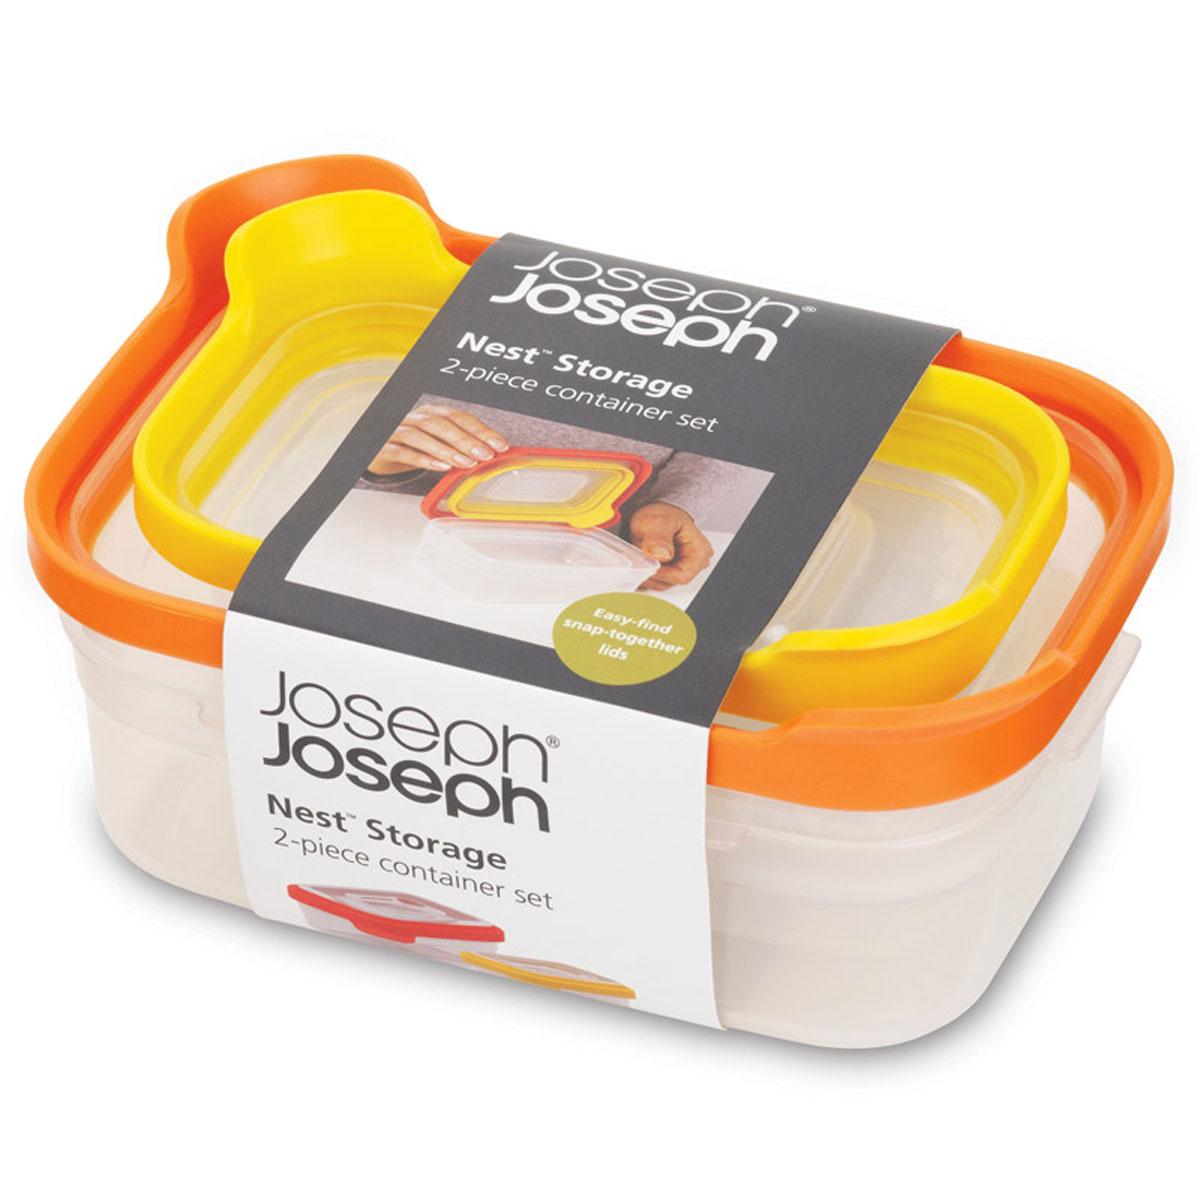 Набор контейнеров Joseph Joseph Nest для пищевых продуктов, 2 шт81012Набор Joseph Joseph Nest из двух контейнеров привлекательного яркого дизайна предназначен специально для хранения пищевых продуктов. Контейнеры имеют прямоугольную форму и разные размеры. Крышки, изготовленные из силикона, легко открываются и плотно закрываются. Контейнеры устойчивы к воздействию масел и жиров, легко моются. Прозрачные стенки позволяют видеть содержимое контейнеров. Пищевые контейнеры необыкновенно удобны: в них можно брать еду на работу, за город, ребенку в школу. Именно поэтому они обретают все большую популярность. Подходят для использования в микроволновых печах. Размер контейнеров (по верхнему краю): 15 см х 10,5 см; 12,5 см х 7,5 см. Высота контейнеров (без учета крышек): 5 см, 4 см.